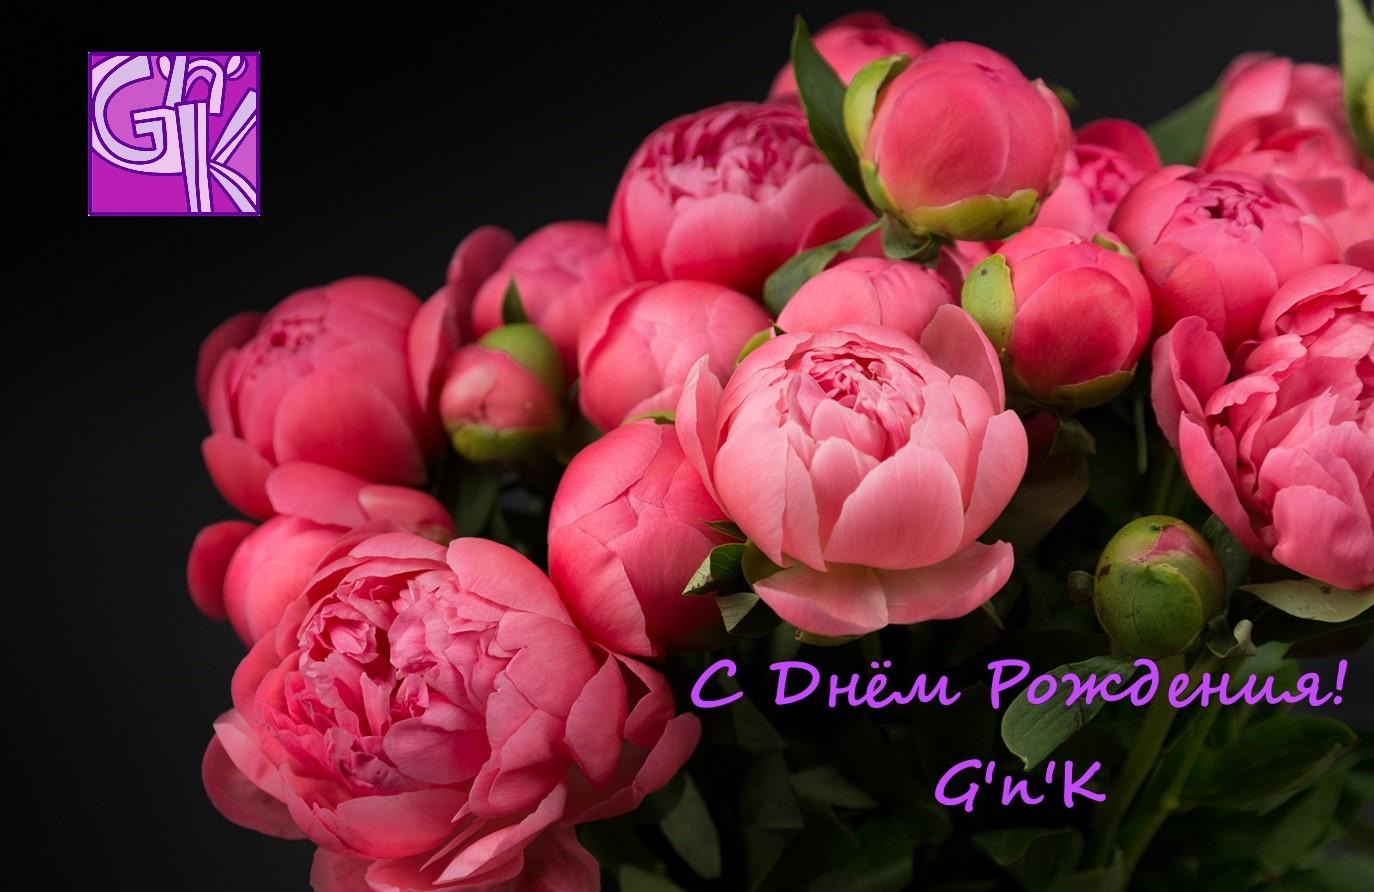 день рождения GnK